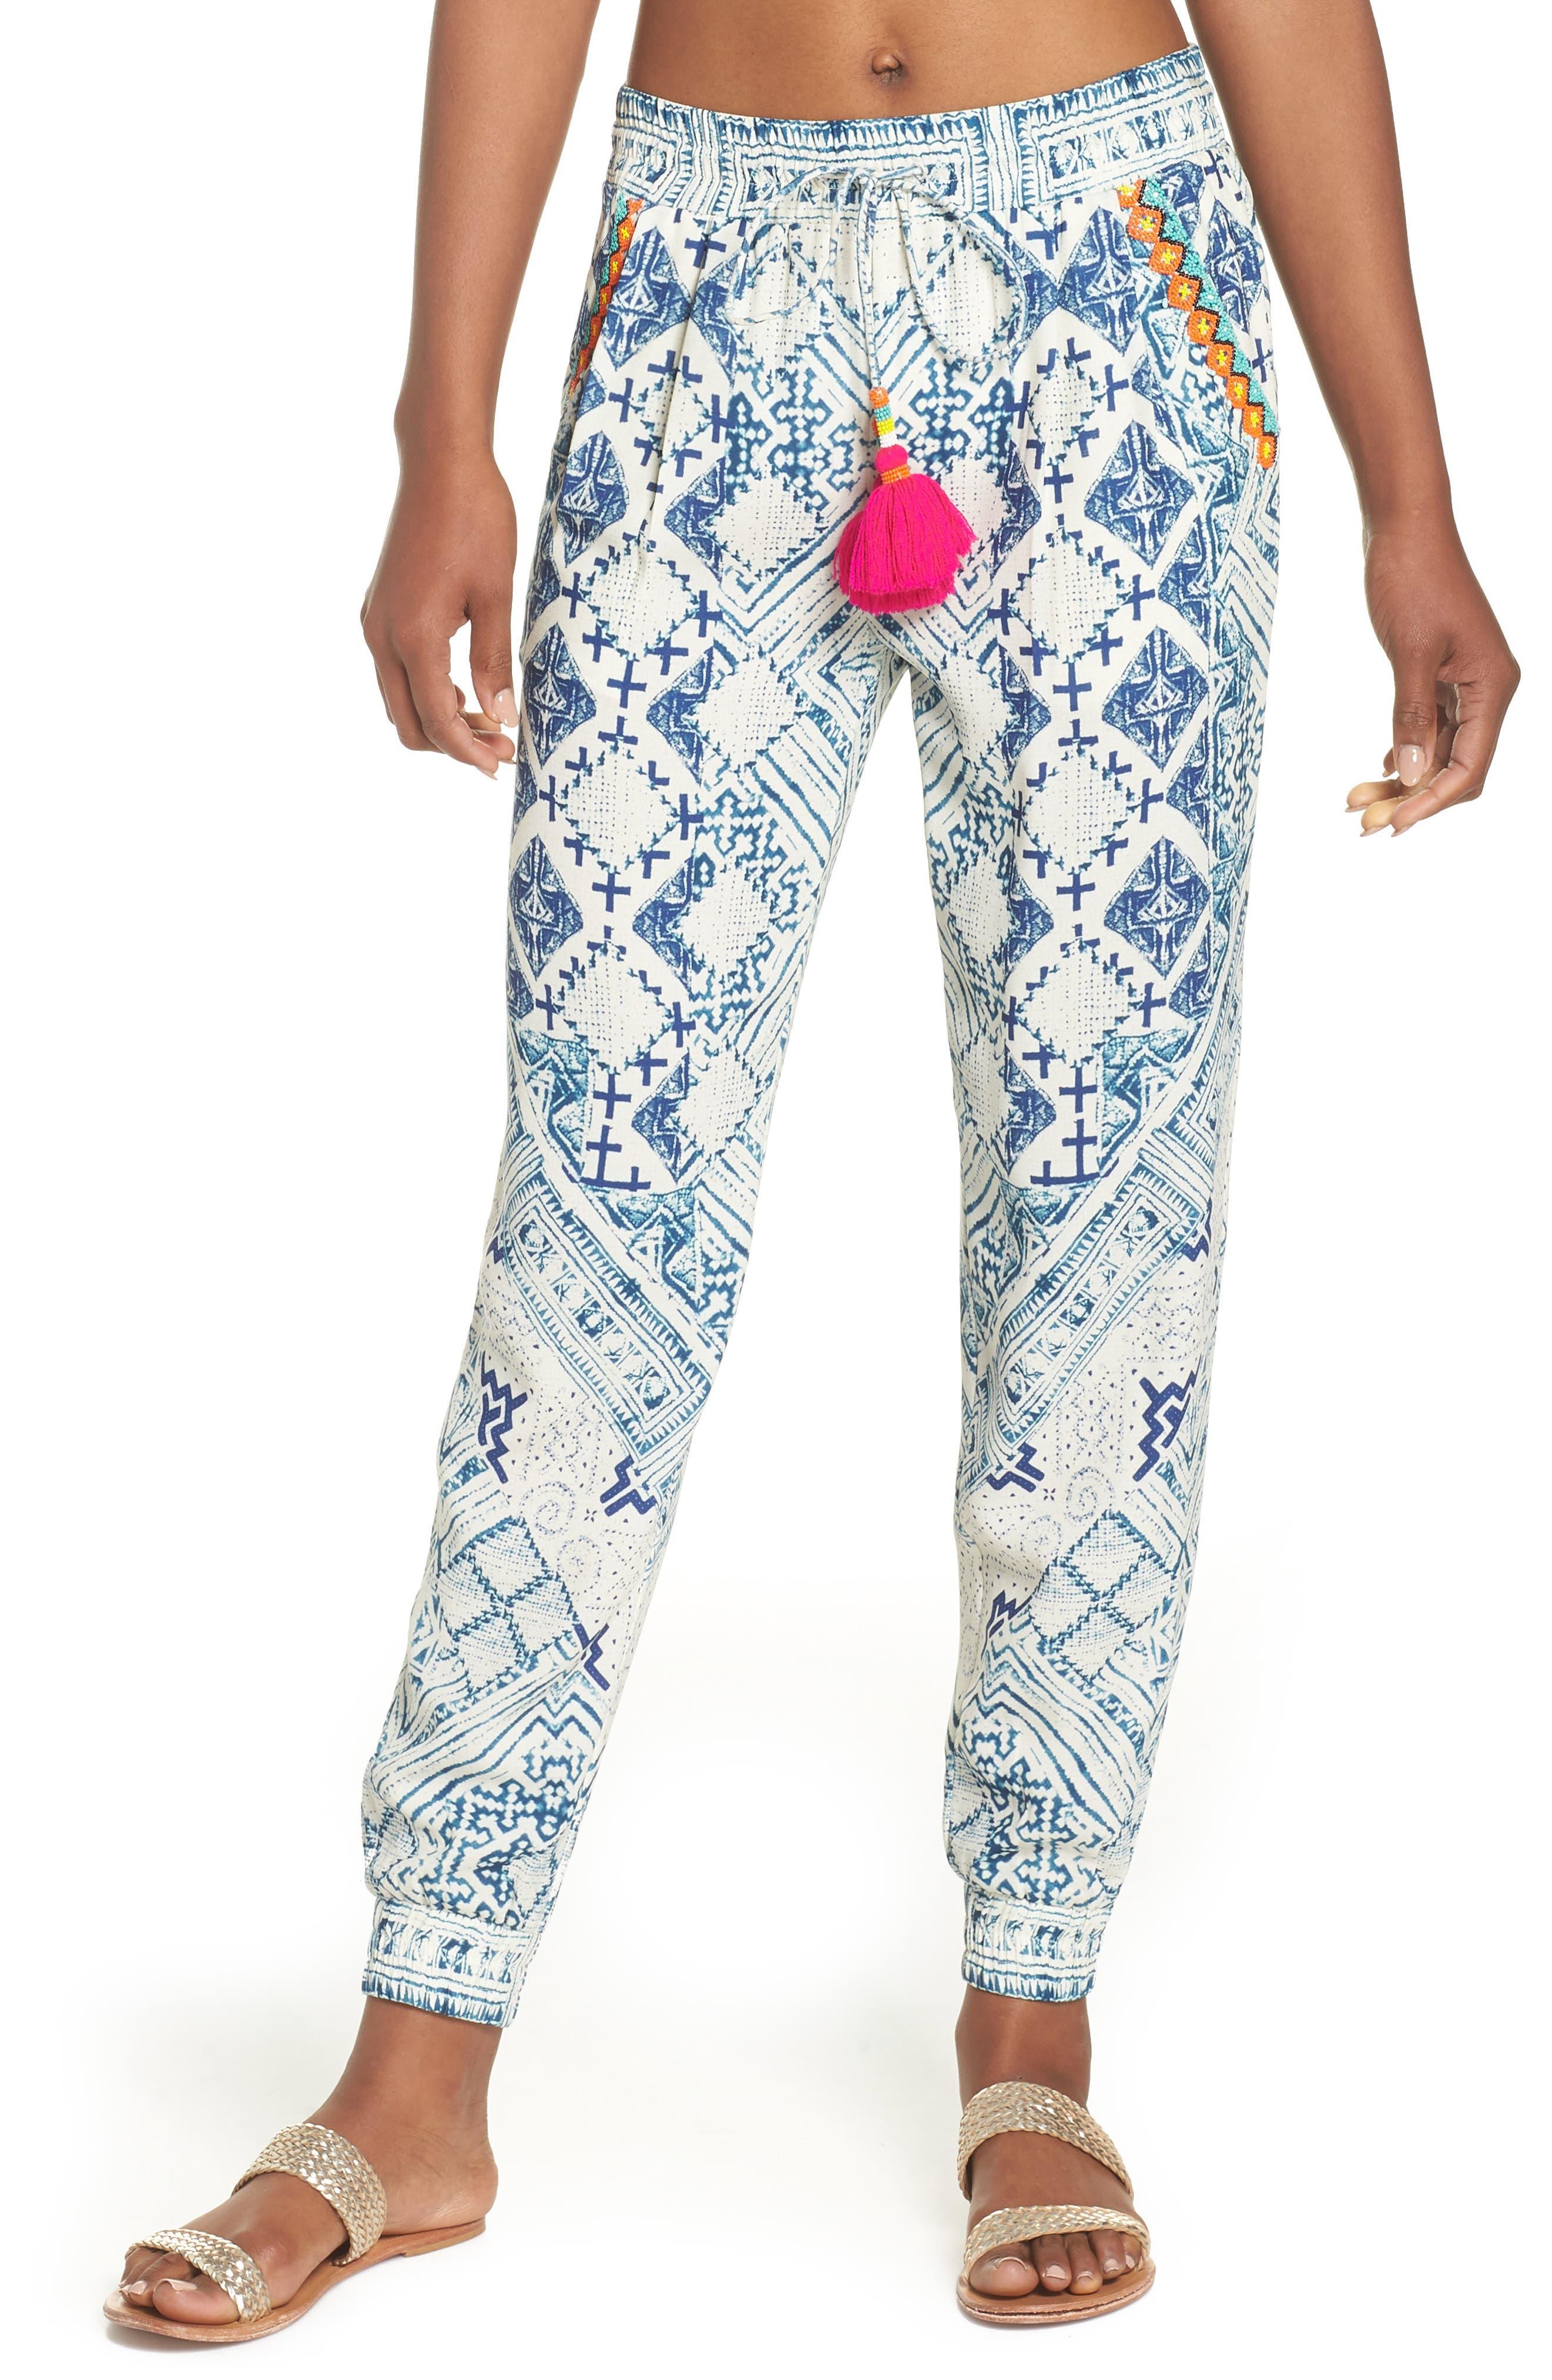 Hemant & Nandita Tasseled Cover-Up Pants,                             Main thumbnail 1, color,                             405